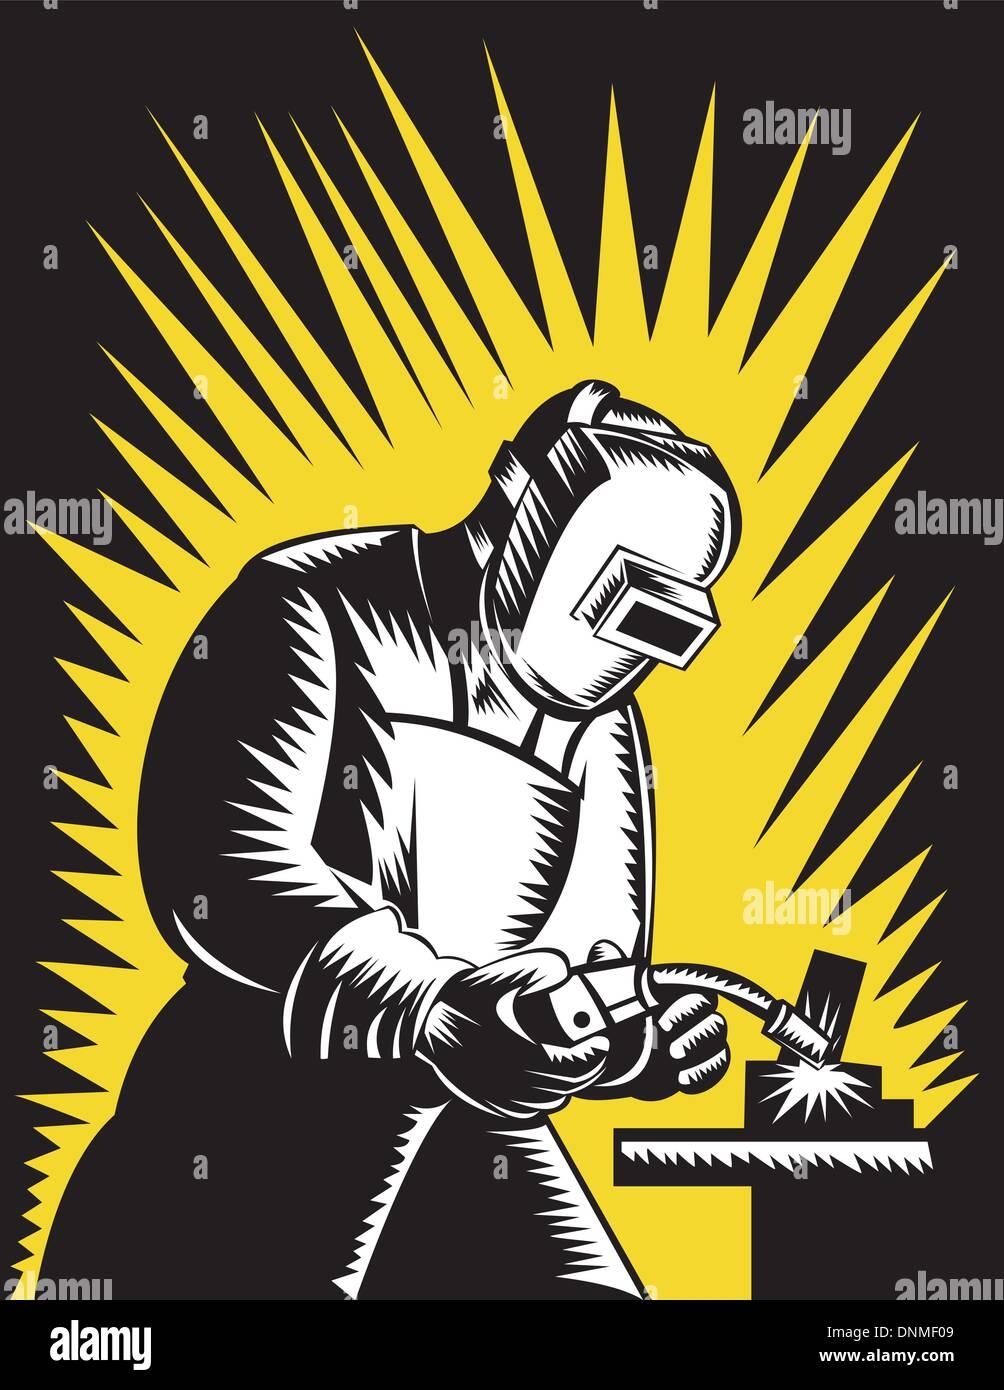 Ilustración de un trabajador de metal soldador Soldadura con soplete y visor realizada en xilografía estilo retro. Ilustración del Vector